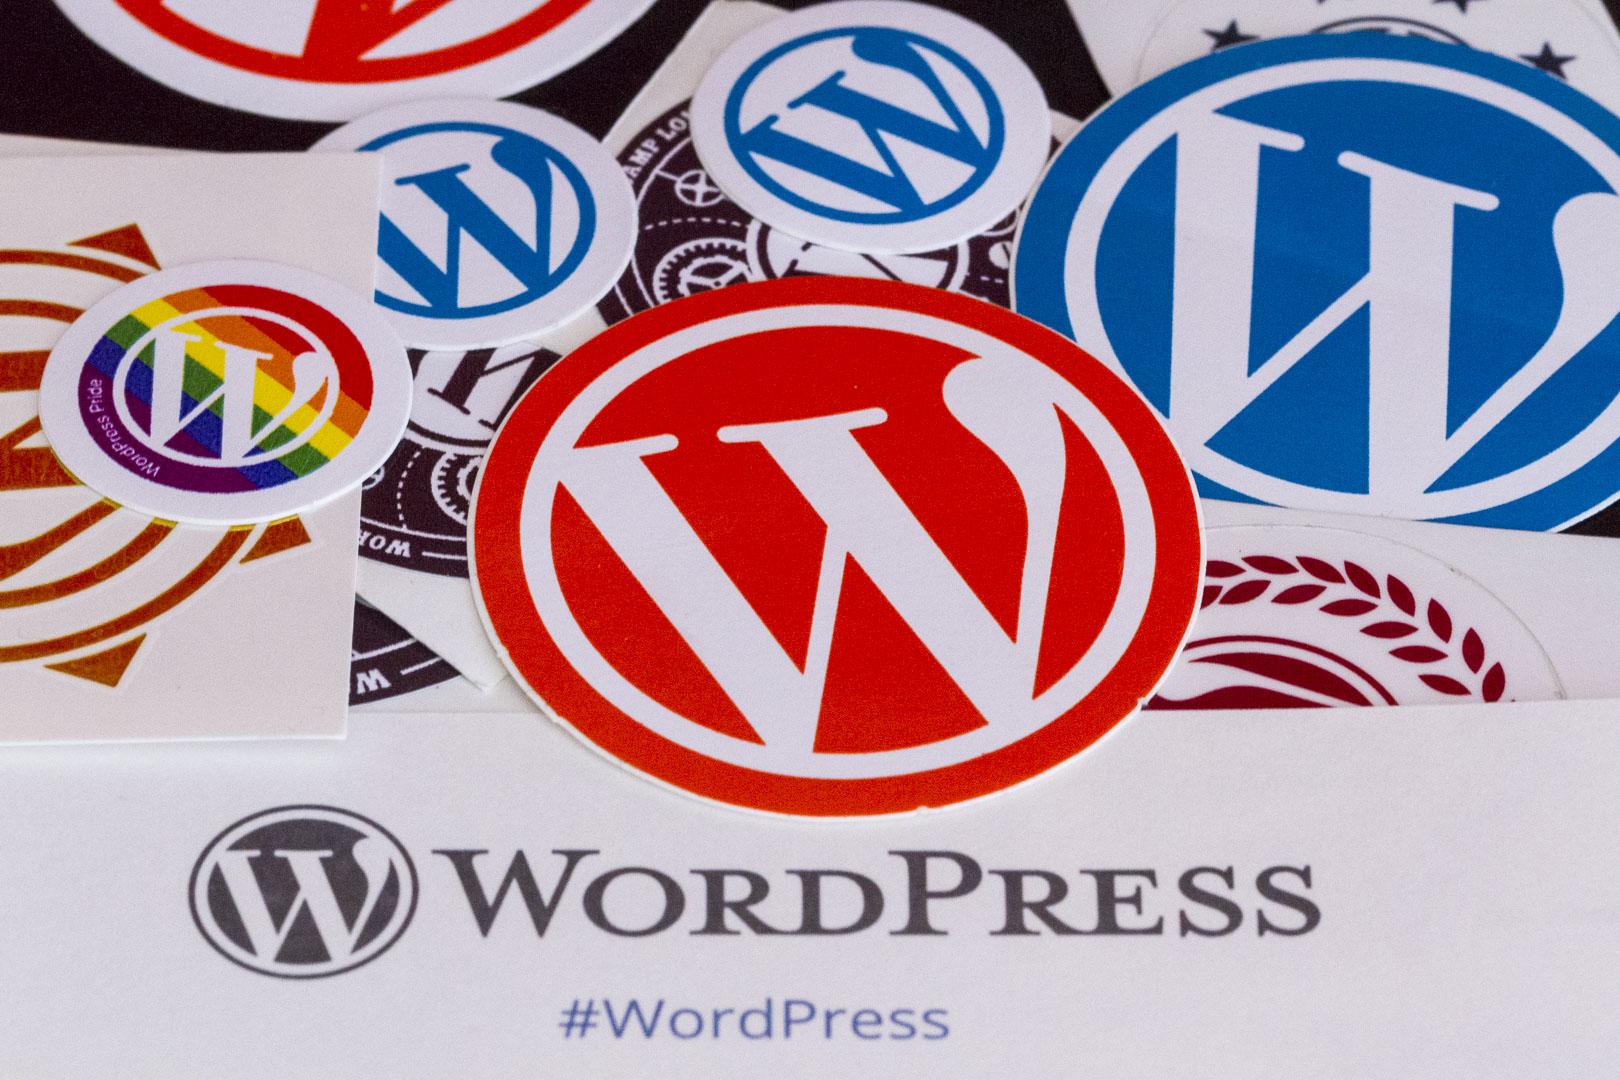 Adesivi con il logo WordPress